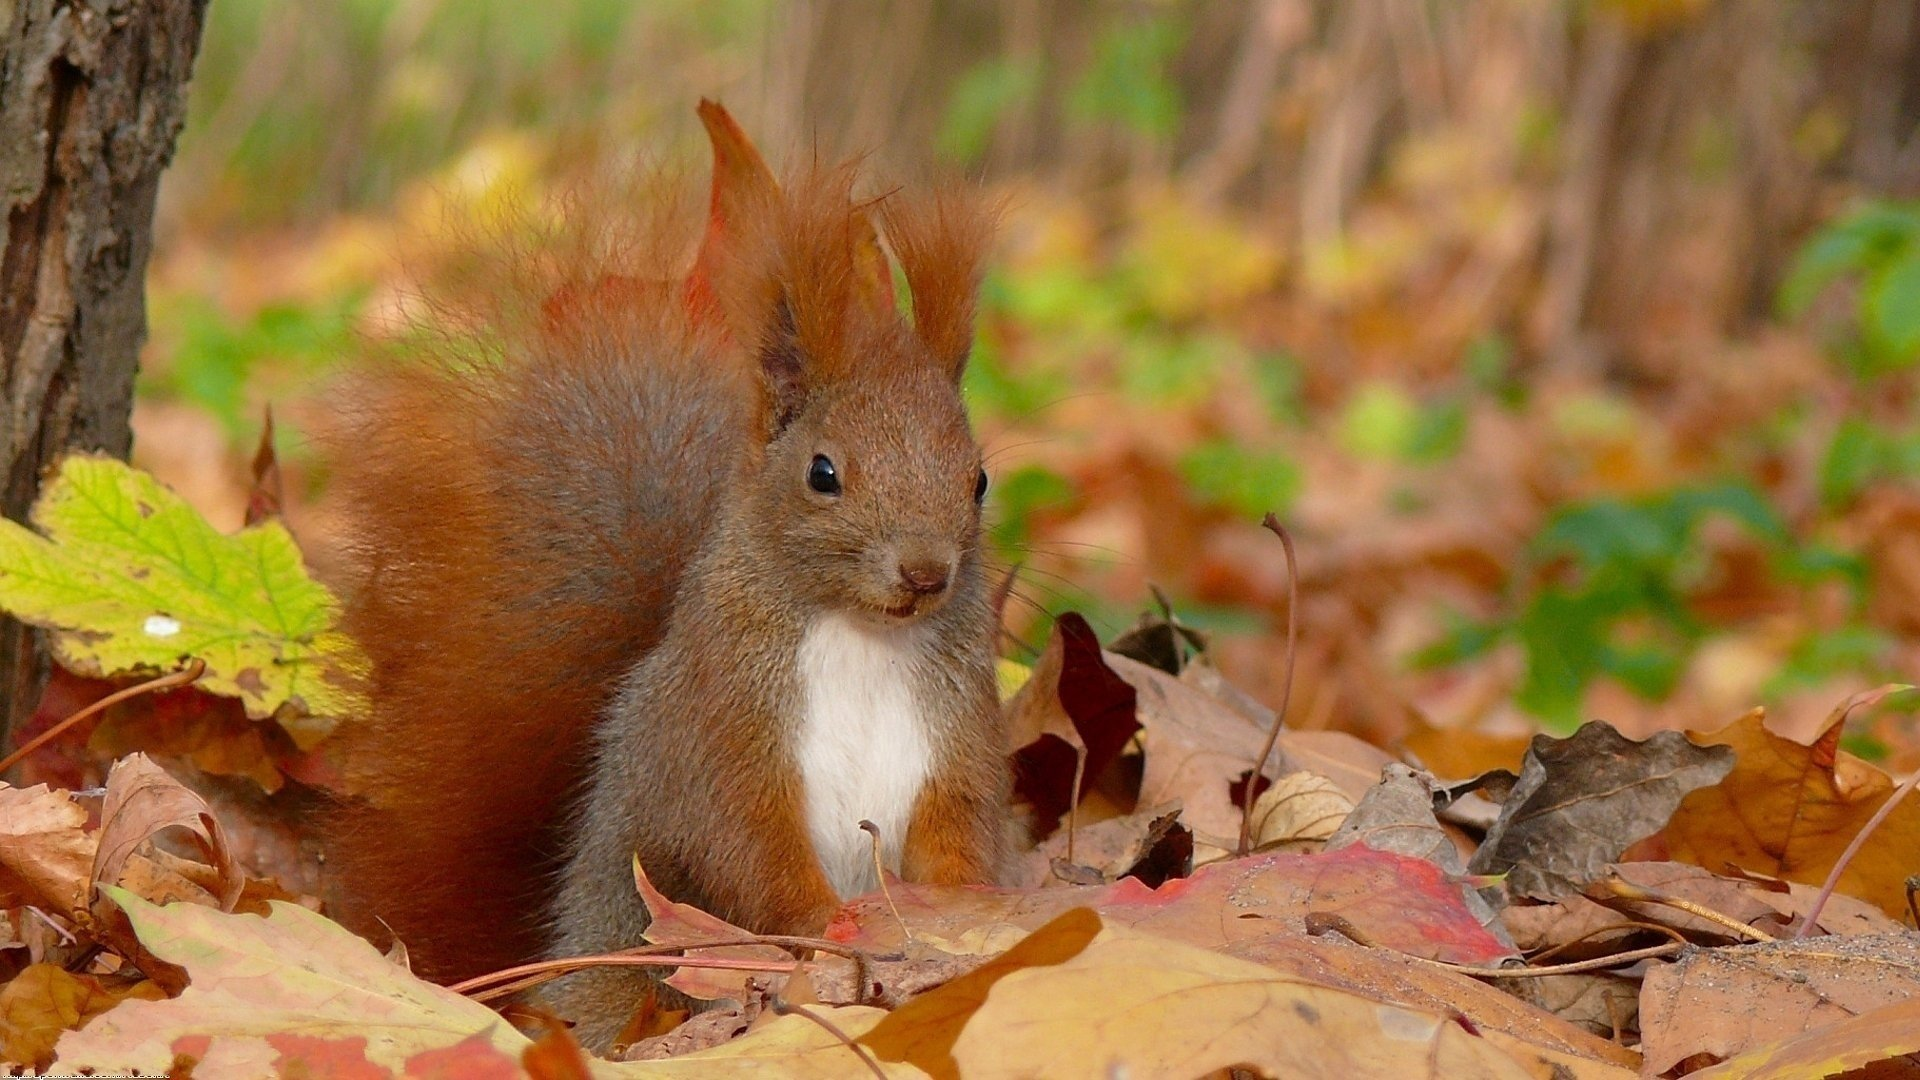 природа животные кролик листья осень деревья  № 2035260 бесплатно